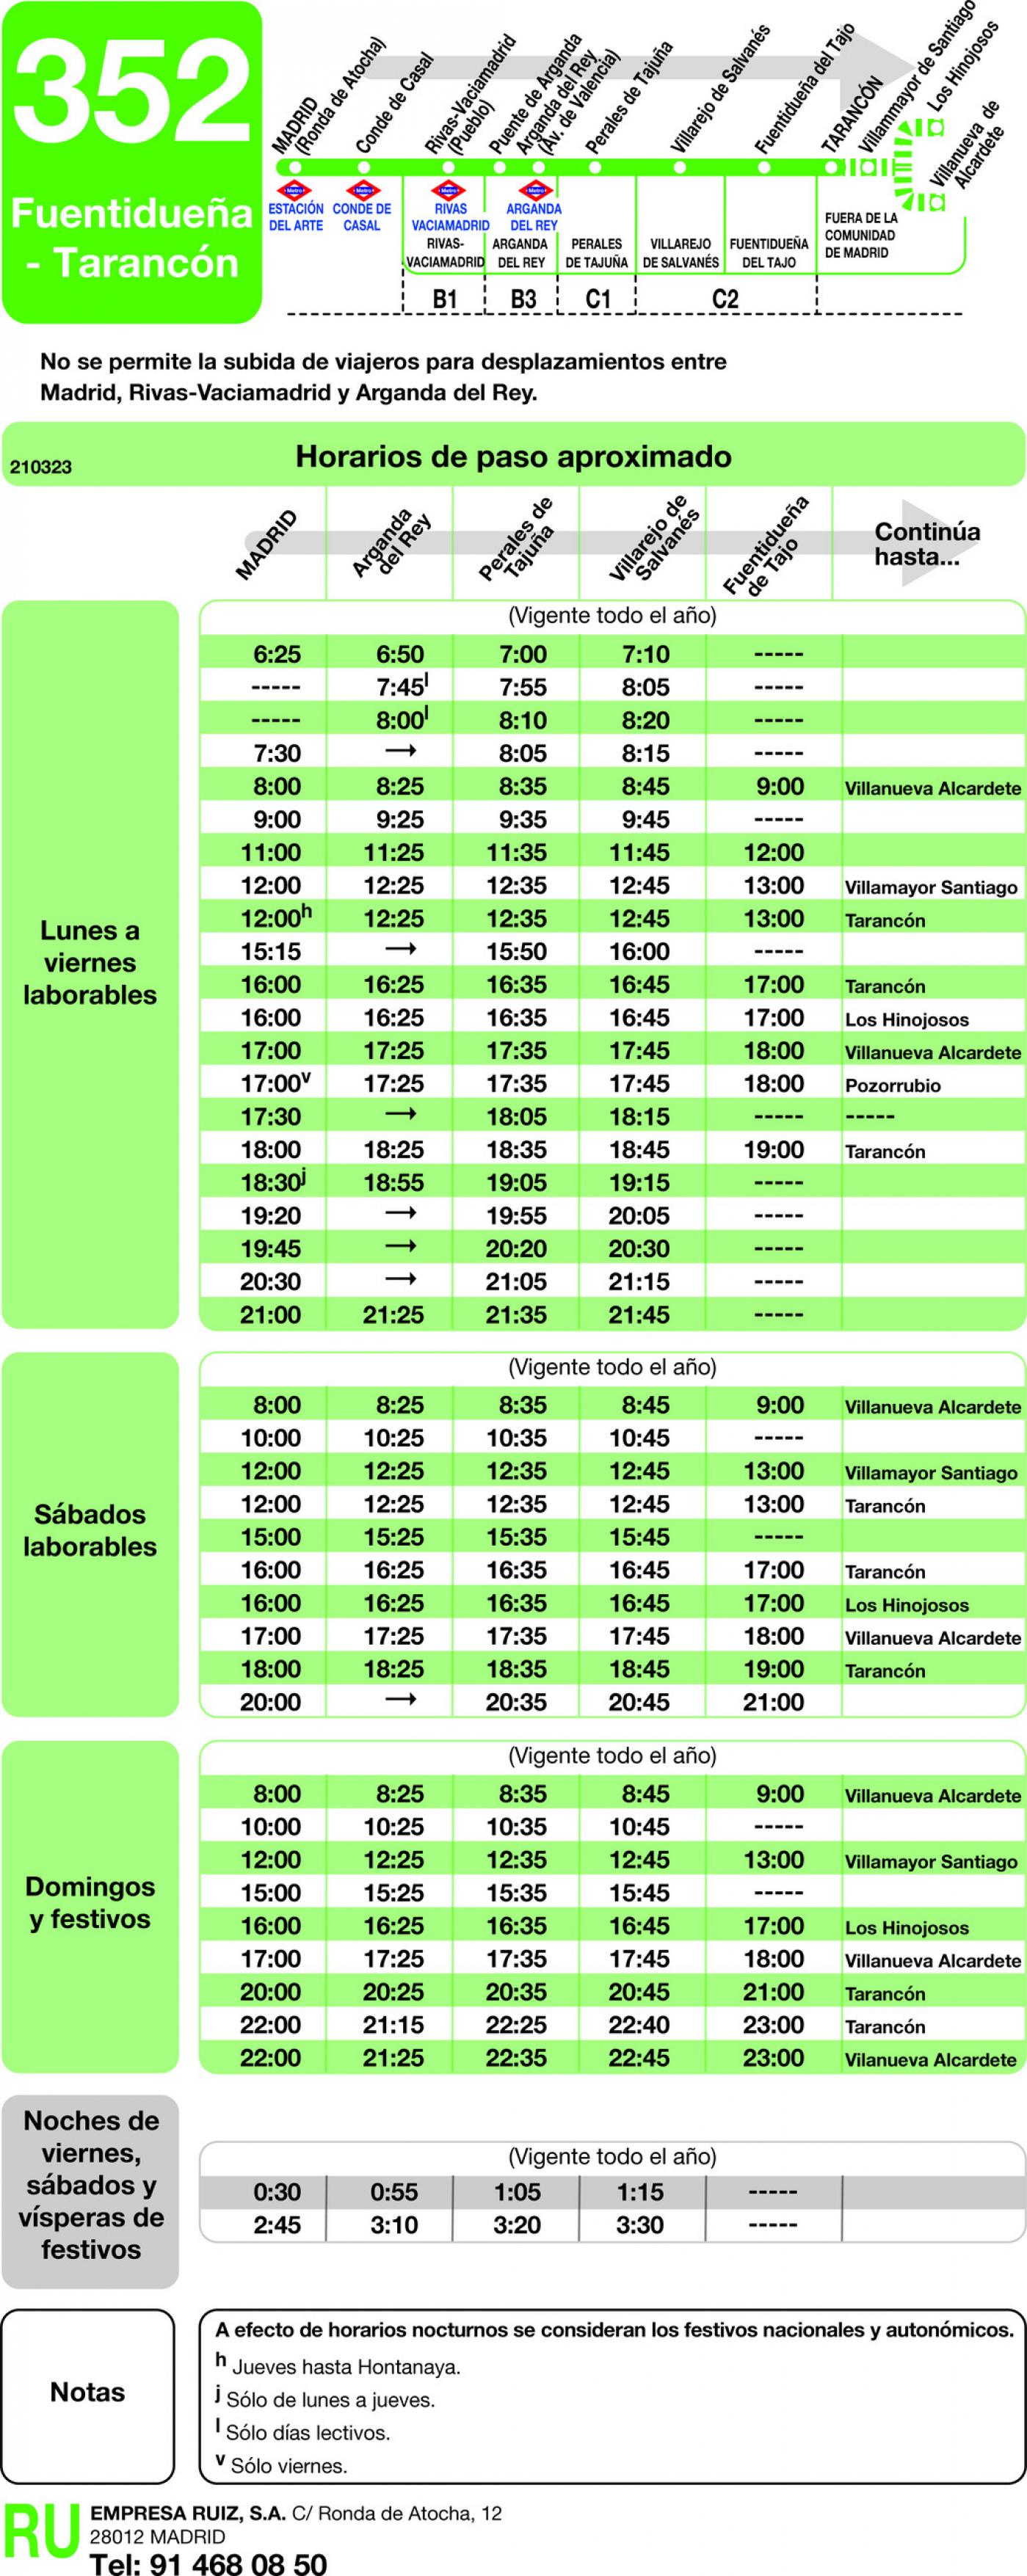 Tabla de horarios y frecuencias de paso en sentido ida Línea 352: Madrid (Ronda Atocha) - Fuentidueña - Tarancon